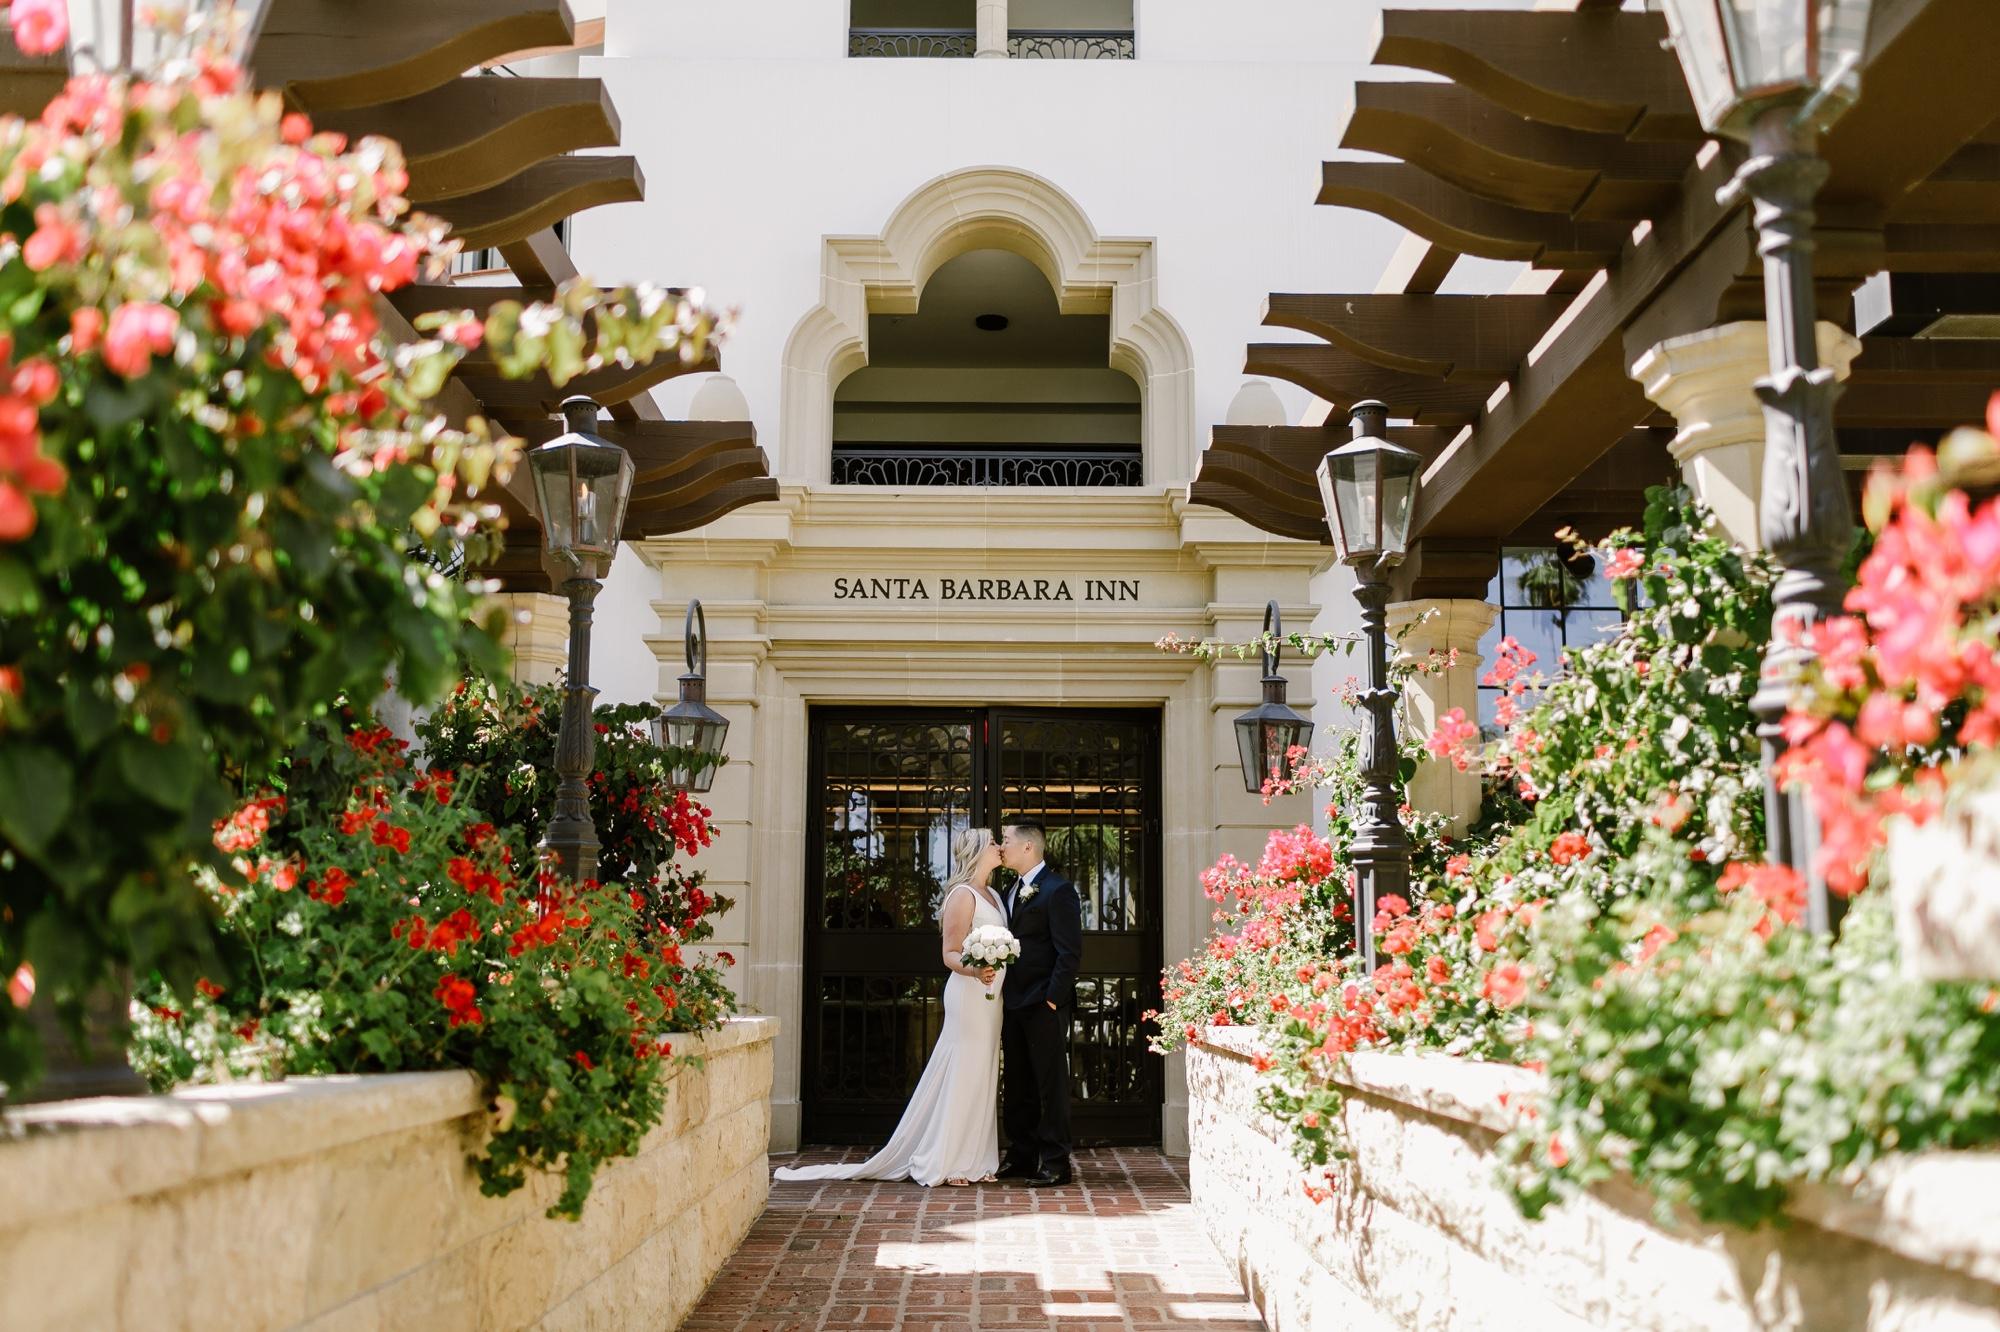 16_Ally and Tommy's Wedding-35_wedding_inn_barbara_california_portraits_hotel_santa.jpg